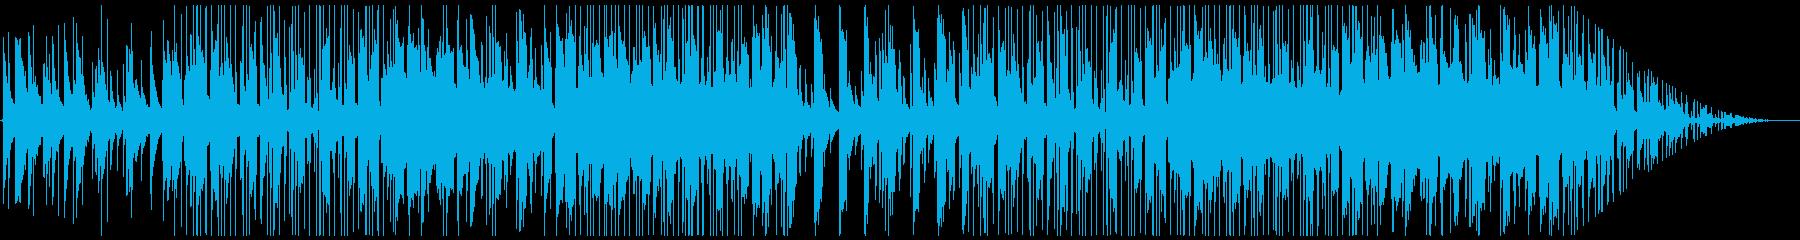 レトロなピアノとストリングスのチルホップの再生済みの波形